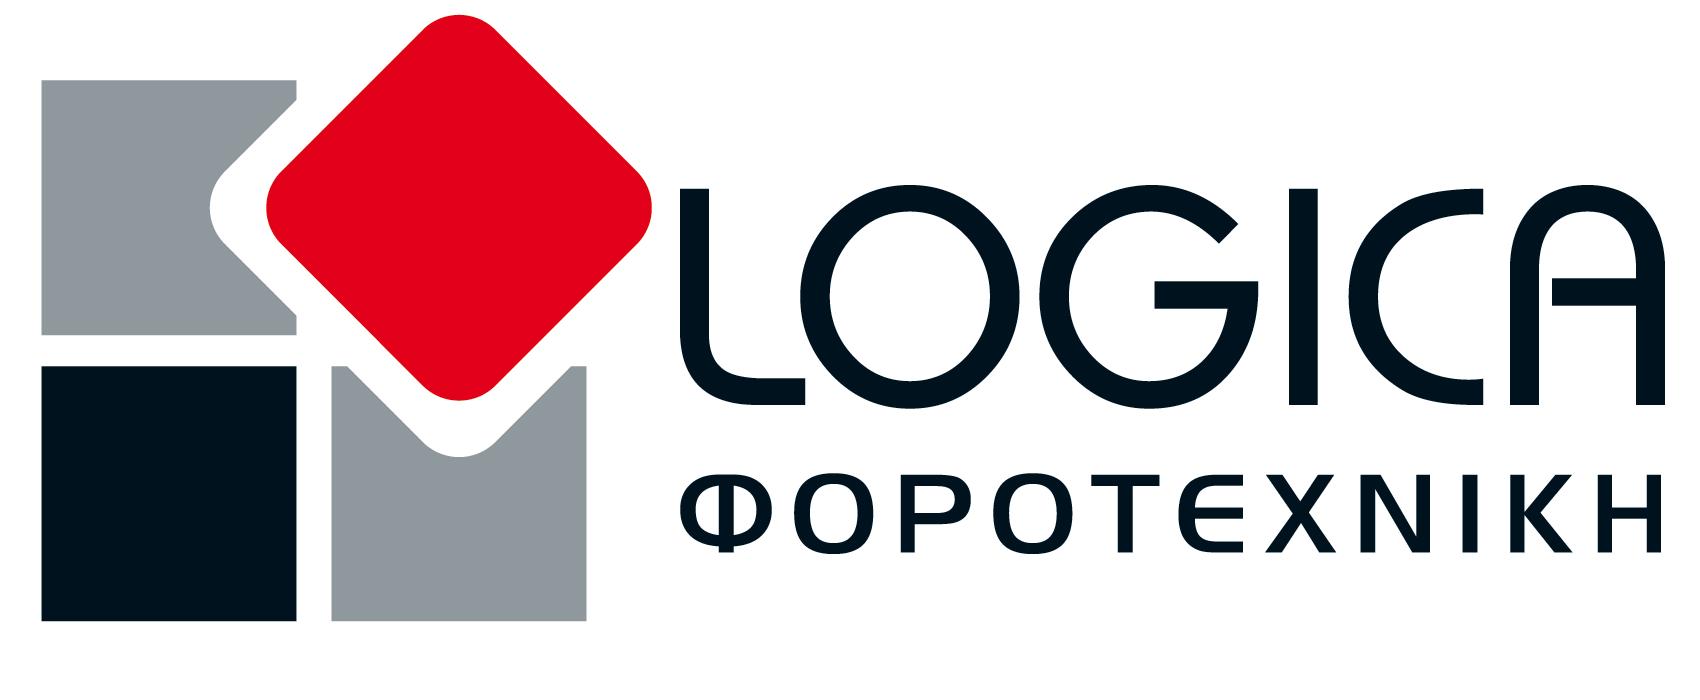 Λογιστικό γραφείο – Logica ΦΟΡΟΤΕΧΝΙΚΗ Α.Ε